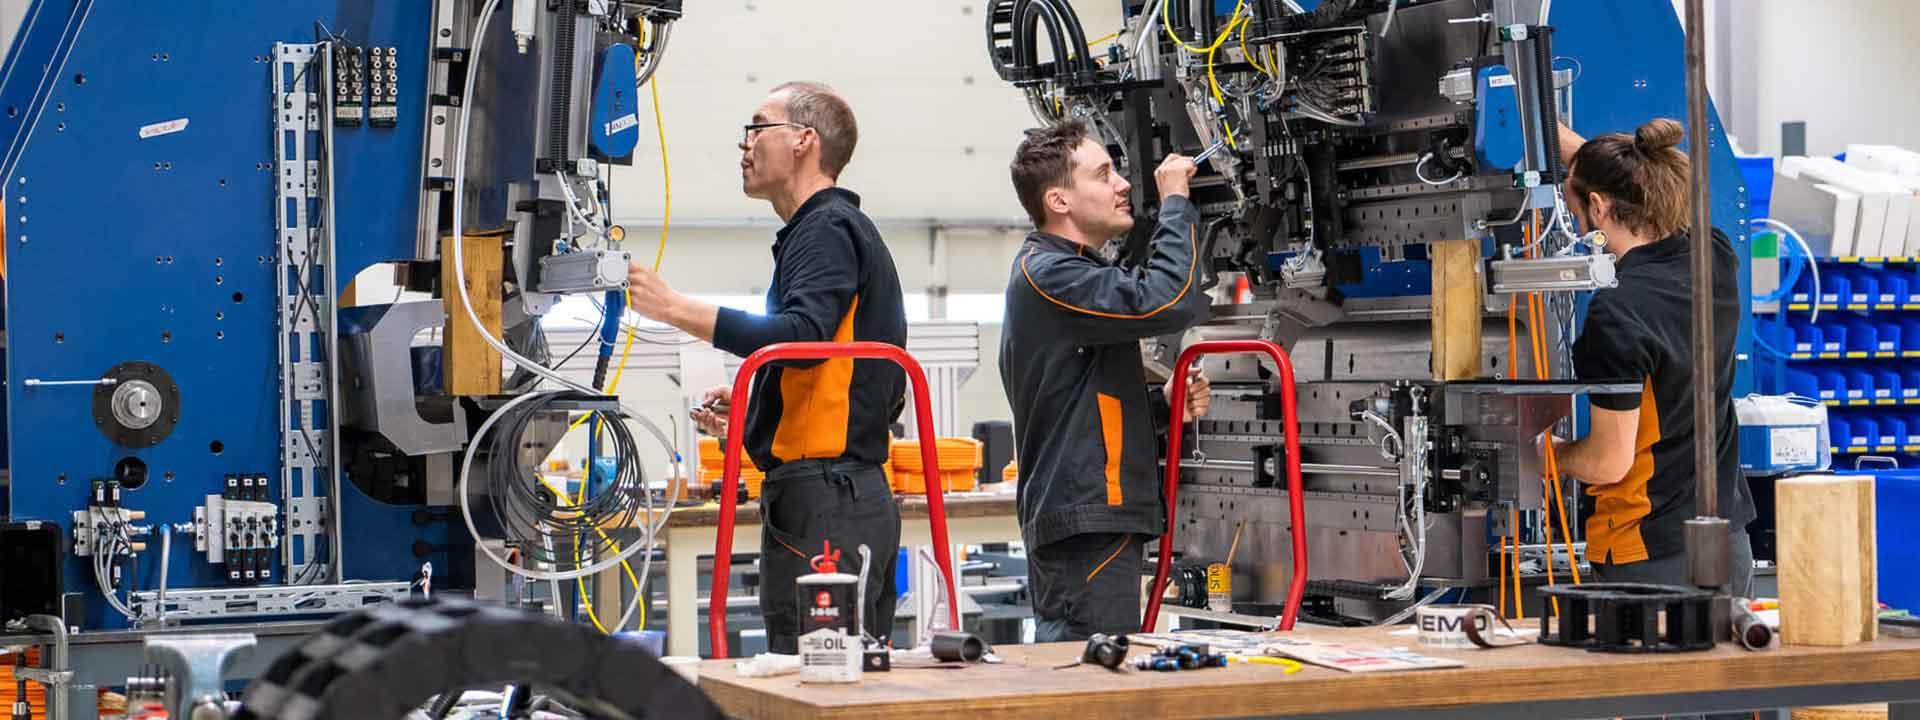 Fabriceren van een automatische productielijn #AchterDeSchermen